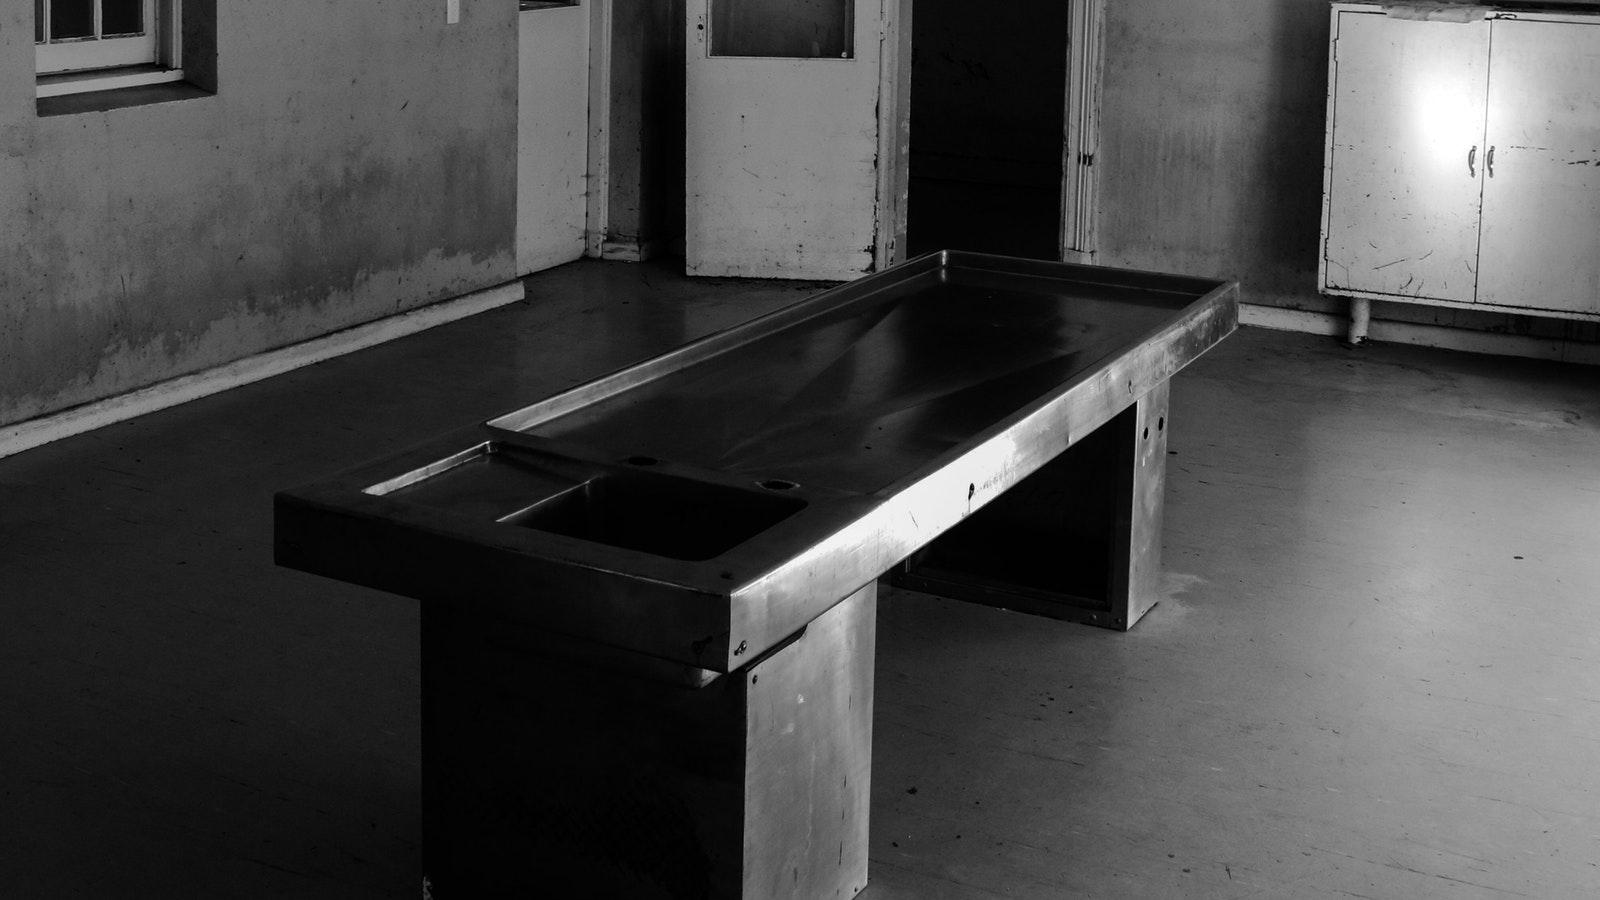 Morgue Table